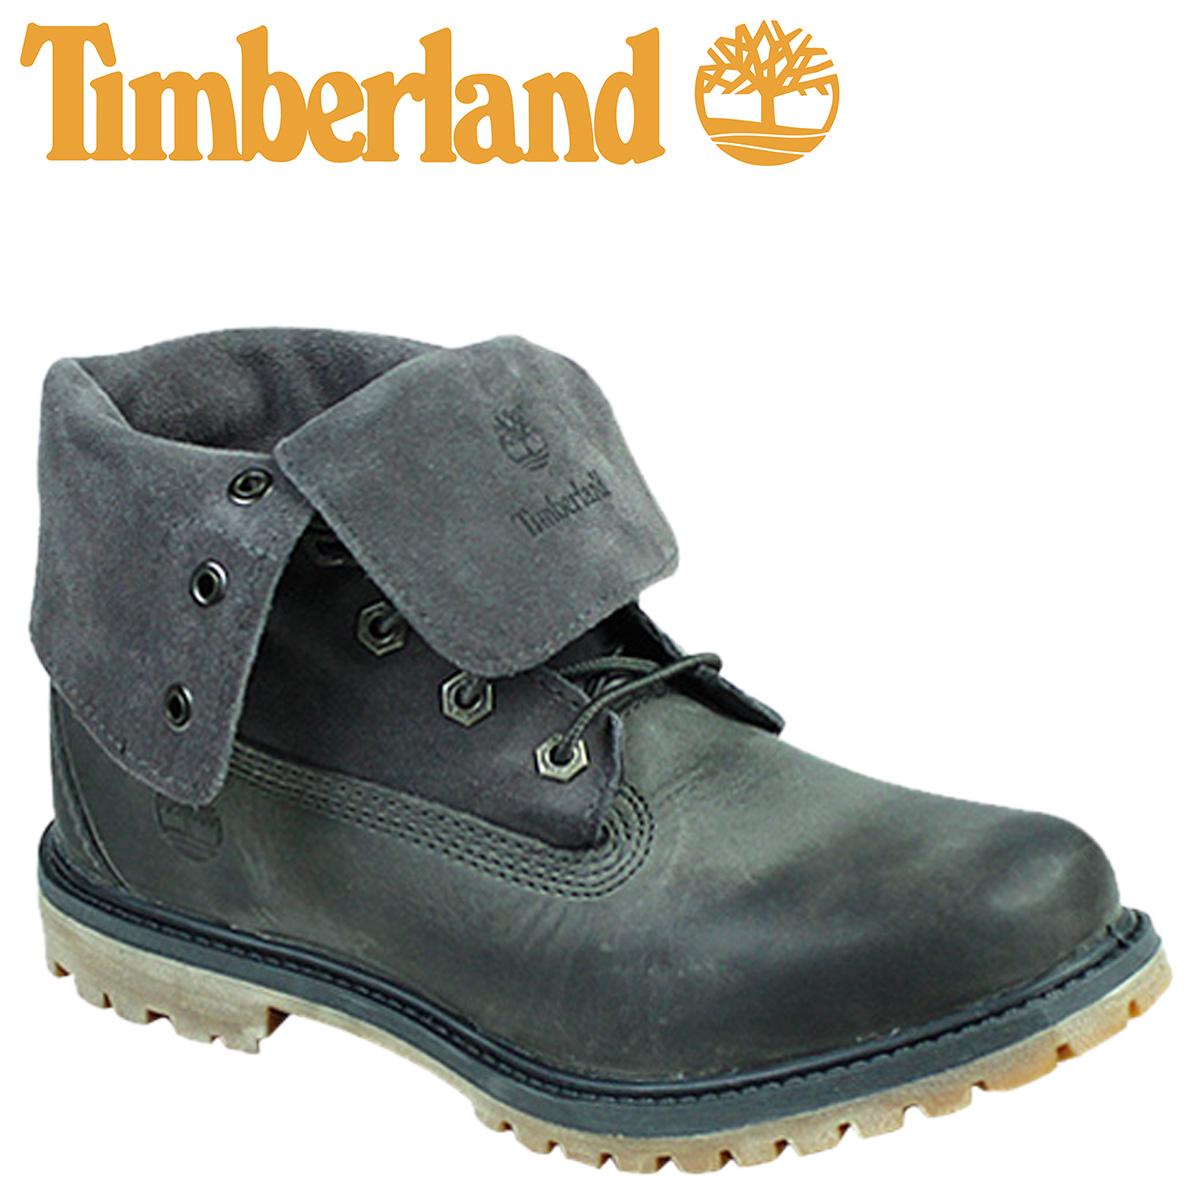 Timberland Støvler Til Kvinner 10 PST9mh